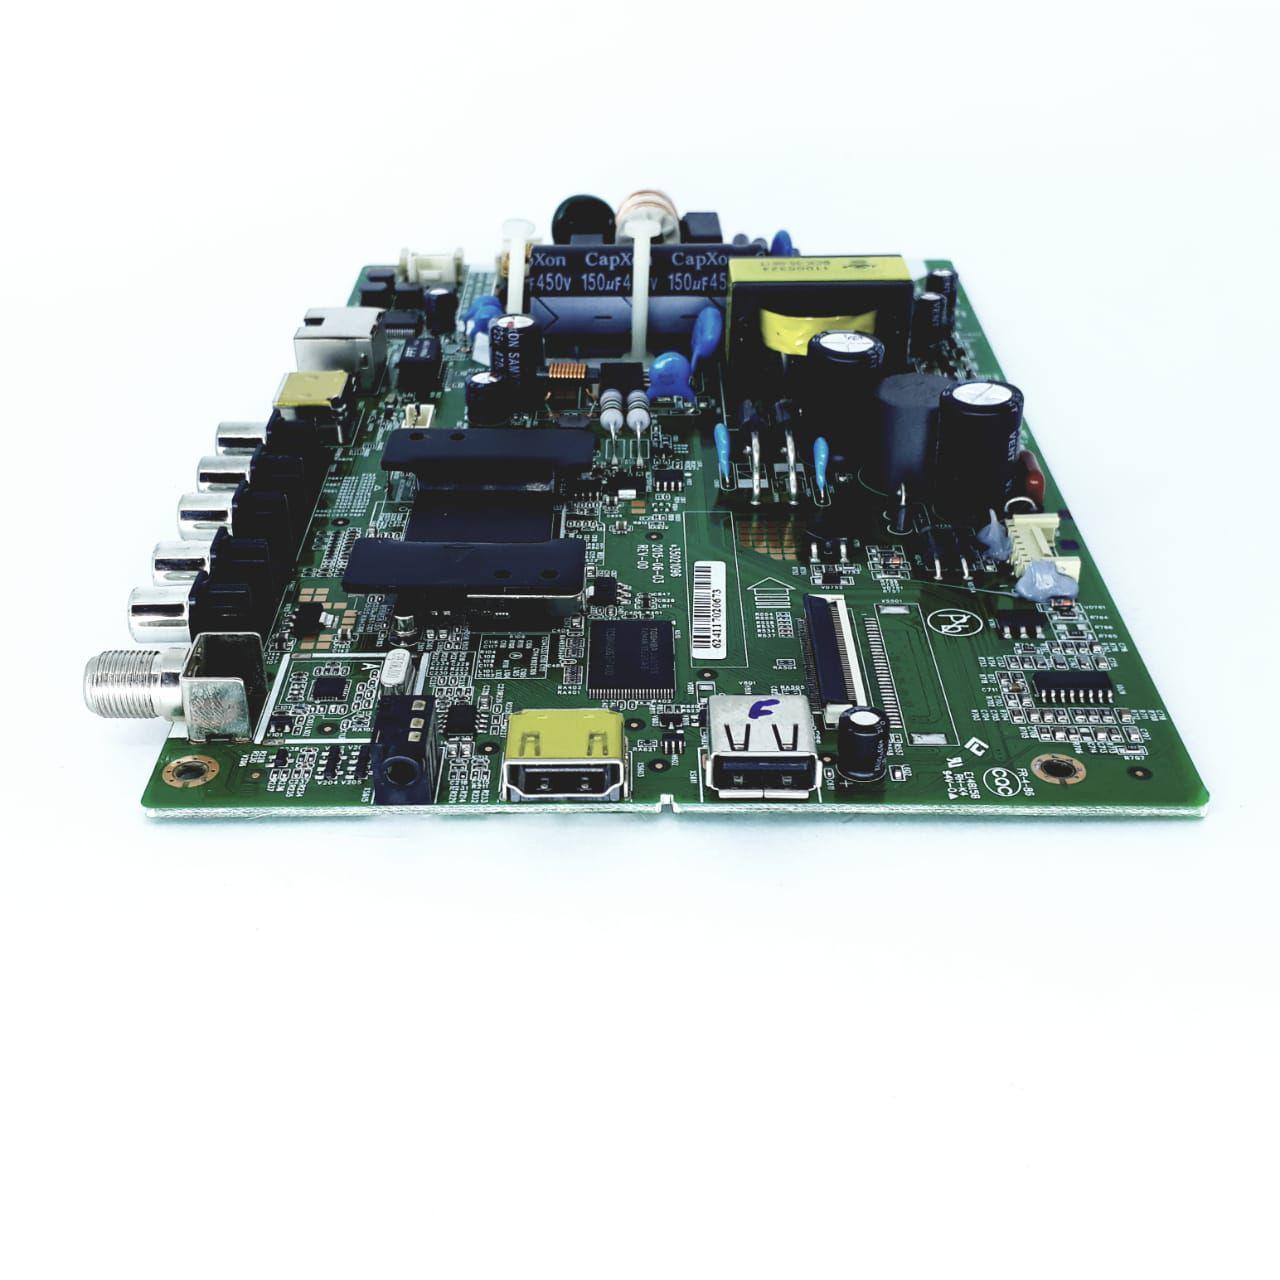 Placa principal para Tv da Marca Semp Toshiba modelo  40L1500 de 40 polegadas LED